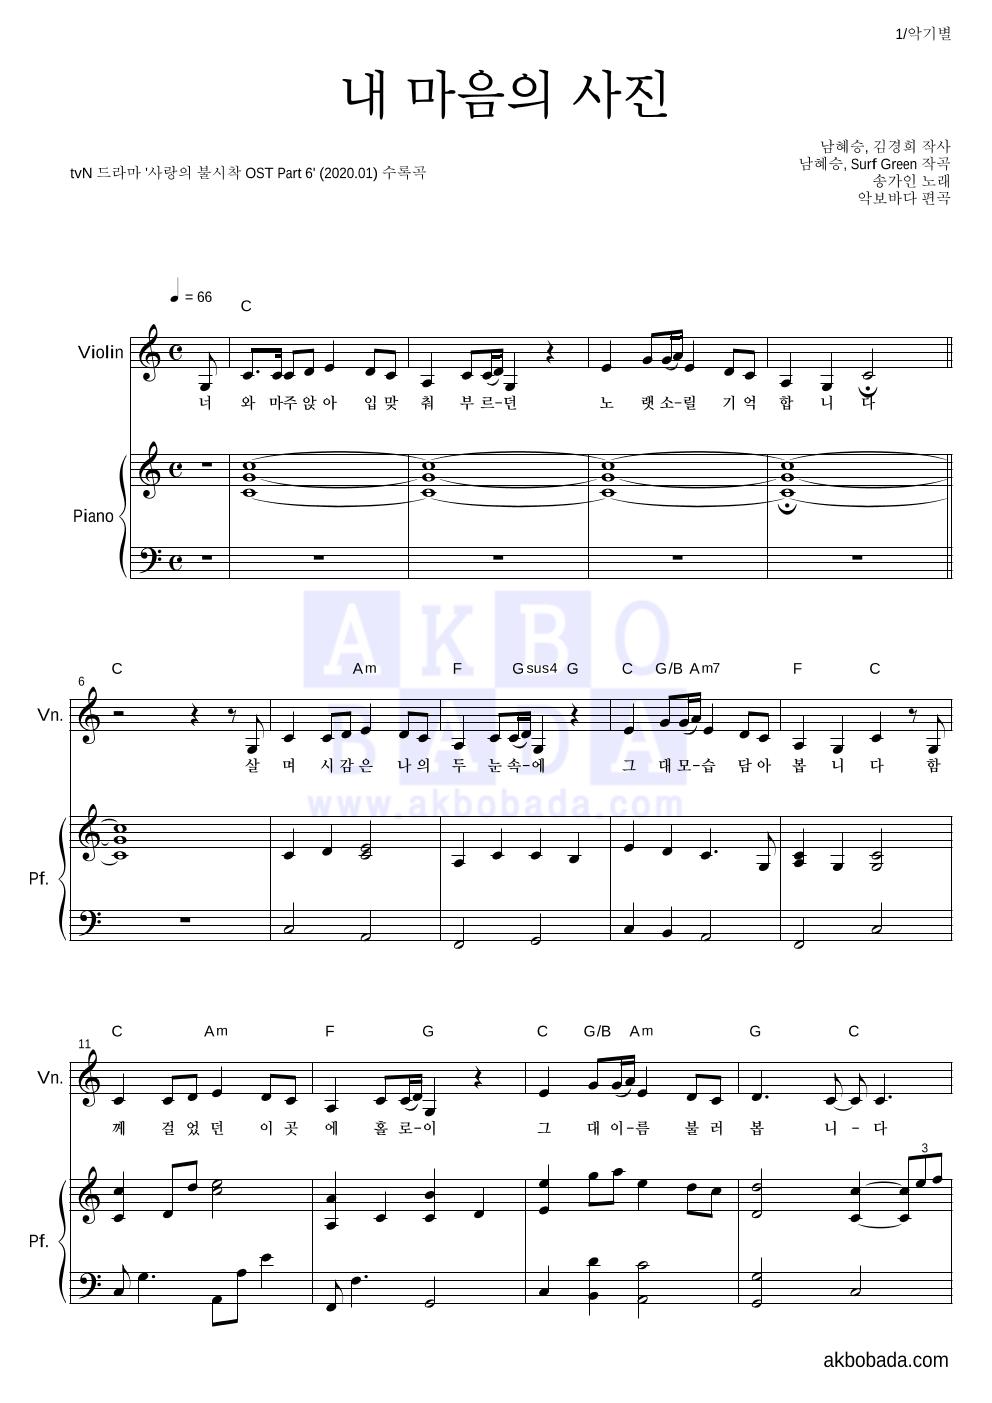 송가인 - 내 마음의 사진 바이올린&피아노 악보